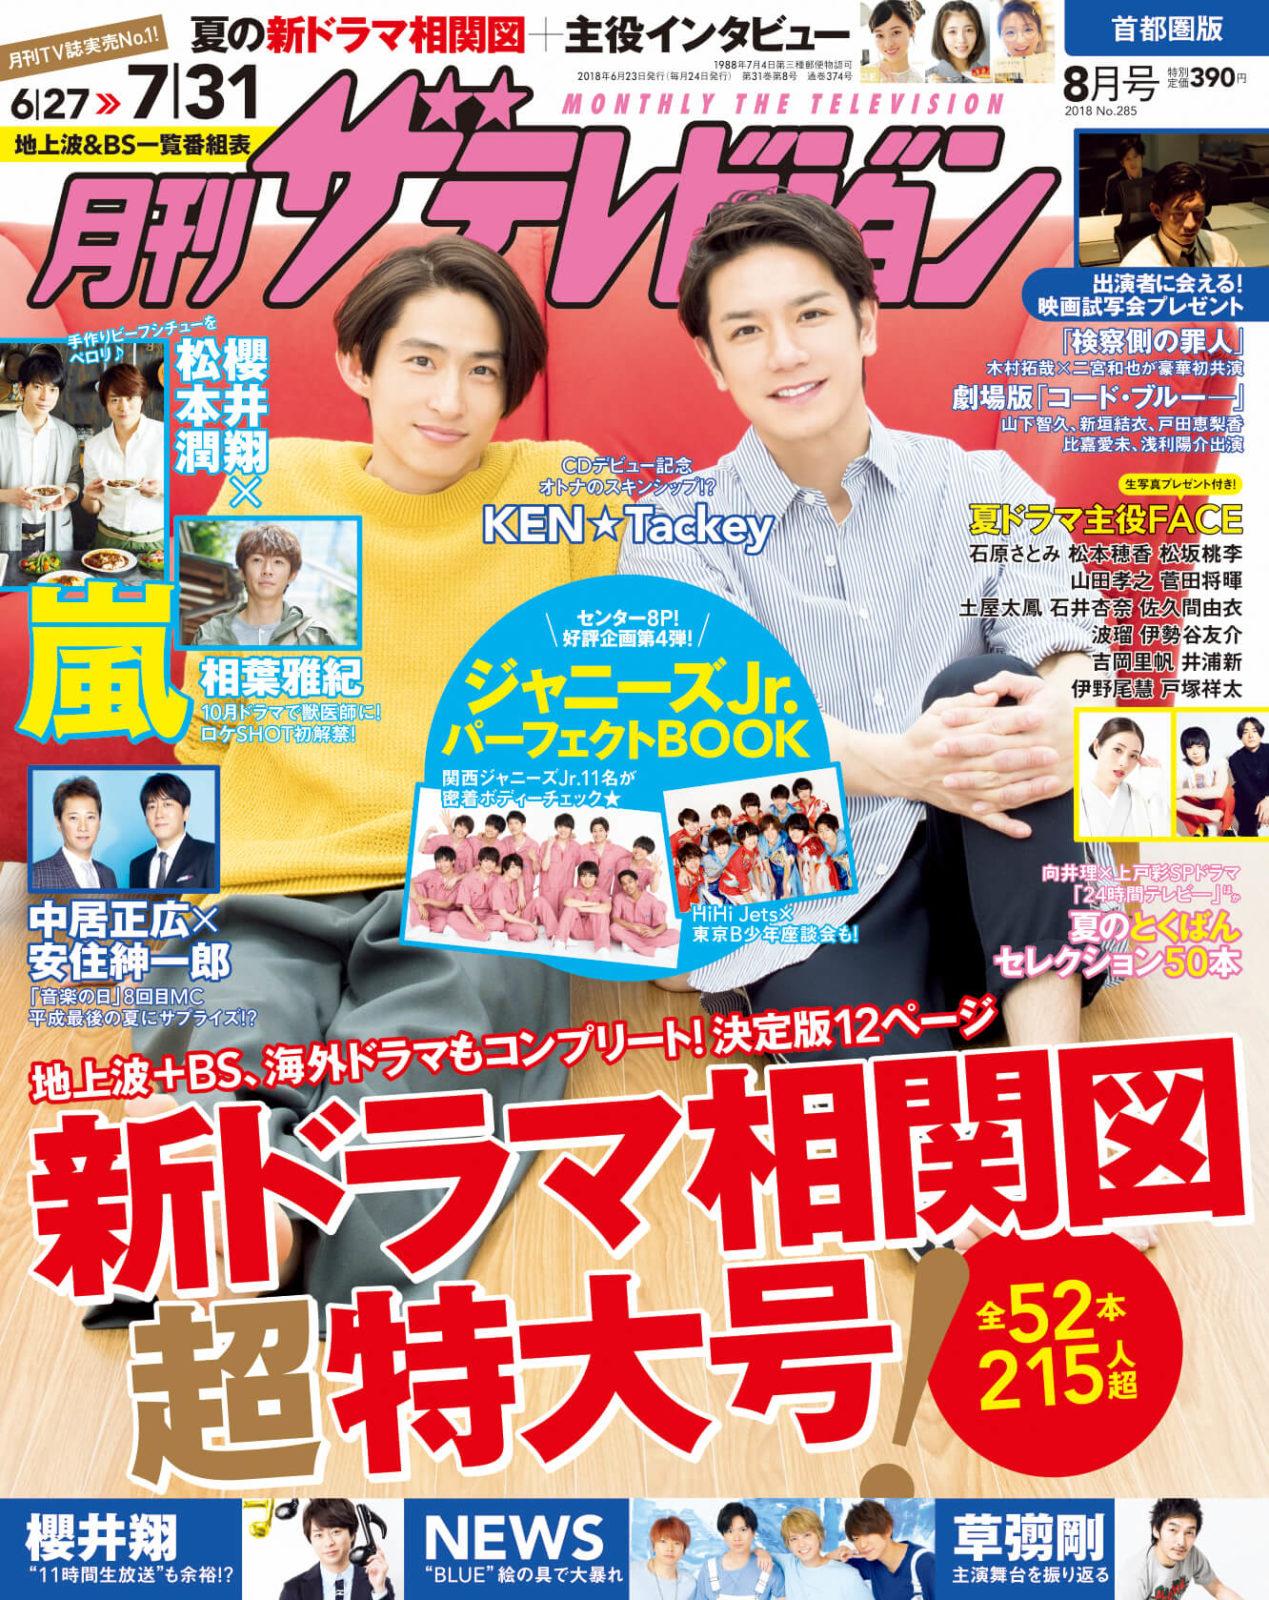 三宅健&滝沢秀明SPユニットKEN☆Tackeyの2人が表紙!本音トークも展開サムネイル画像